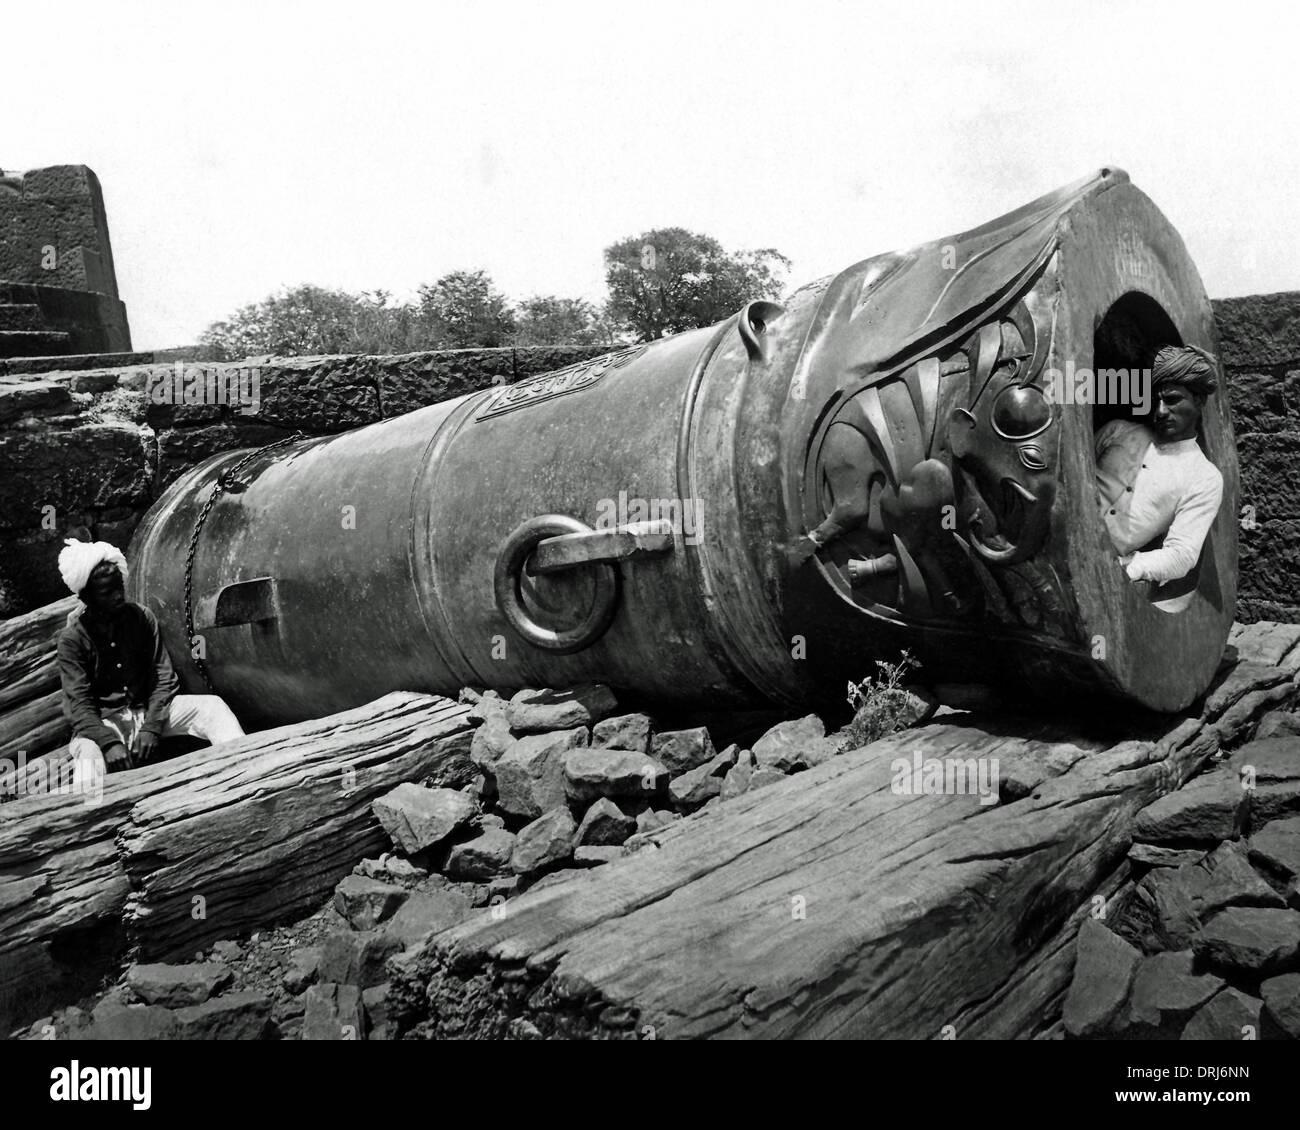 Monster Gun of Tanjore, Tamil Nadu, India - Stock Image